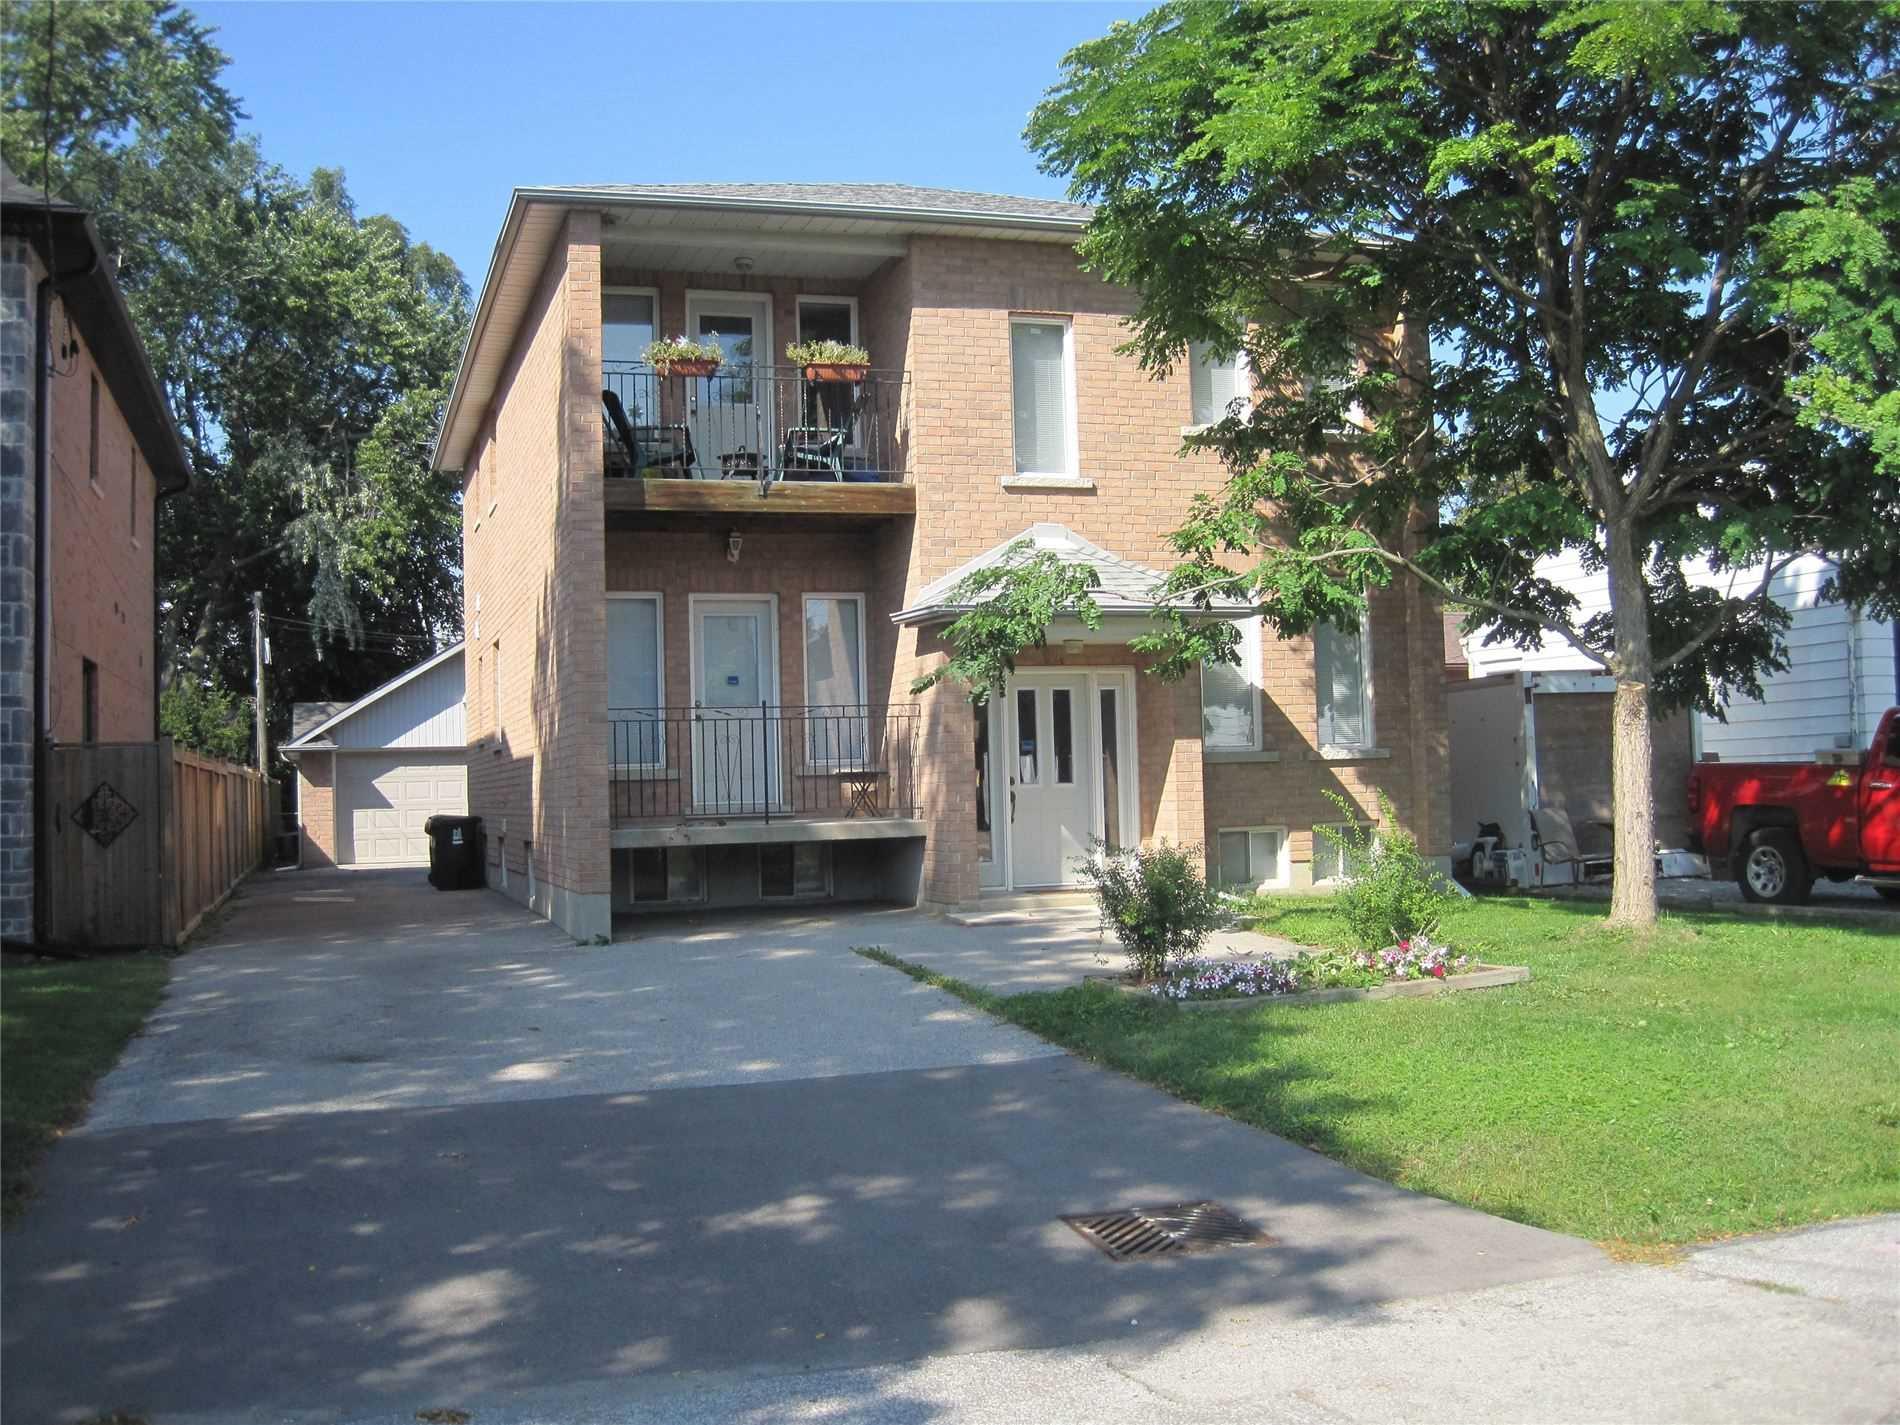 Duplex For Lease In Toronto , 2 Bedrooms Bedrooms, ,2 BathroomsBathrooms,Duplex,For Lease,1,Jellicoe